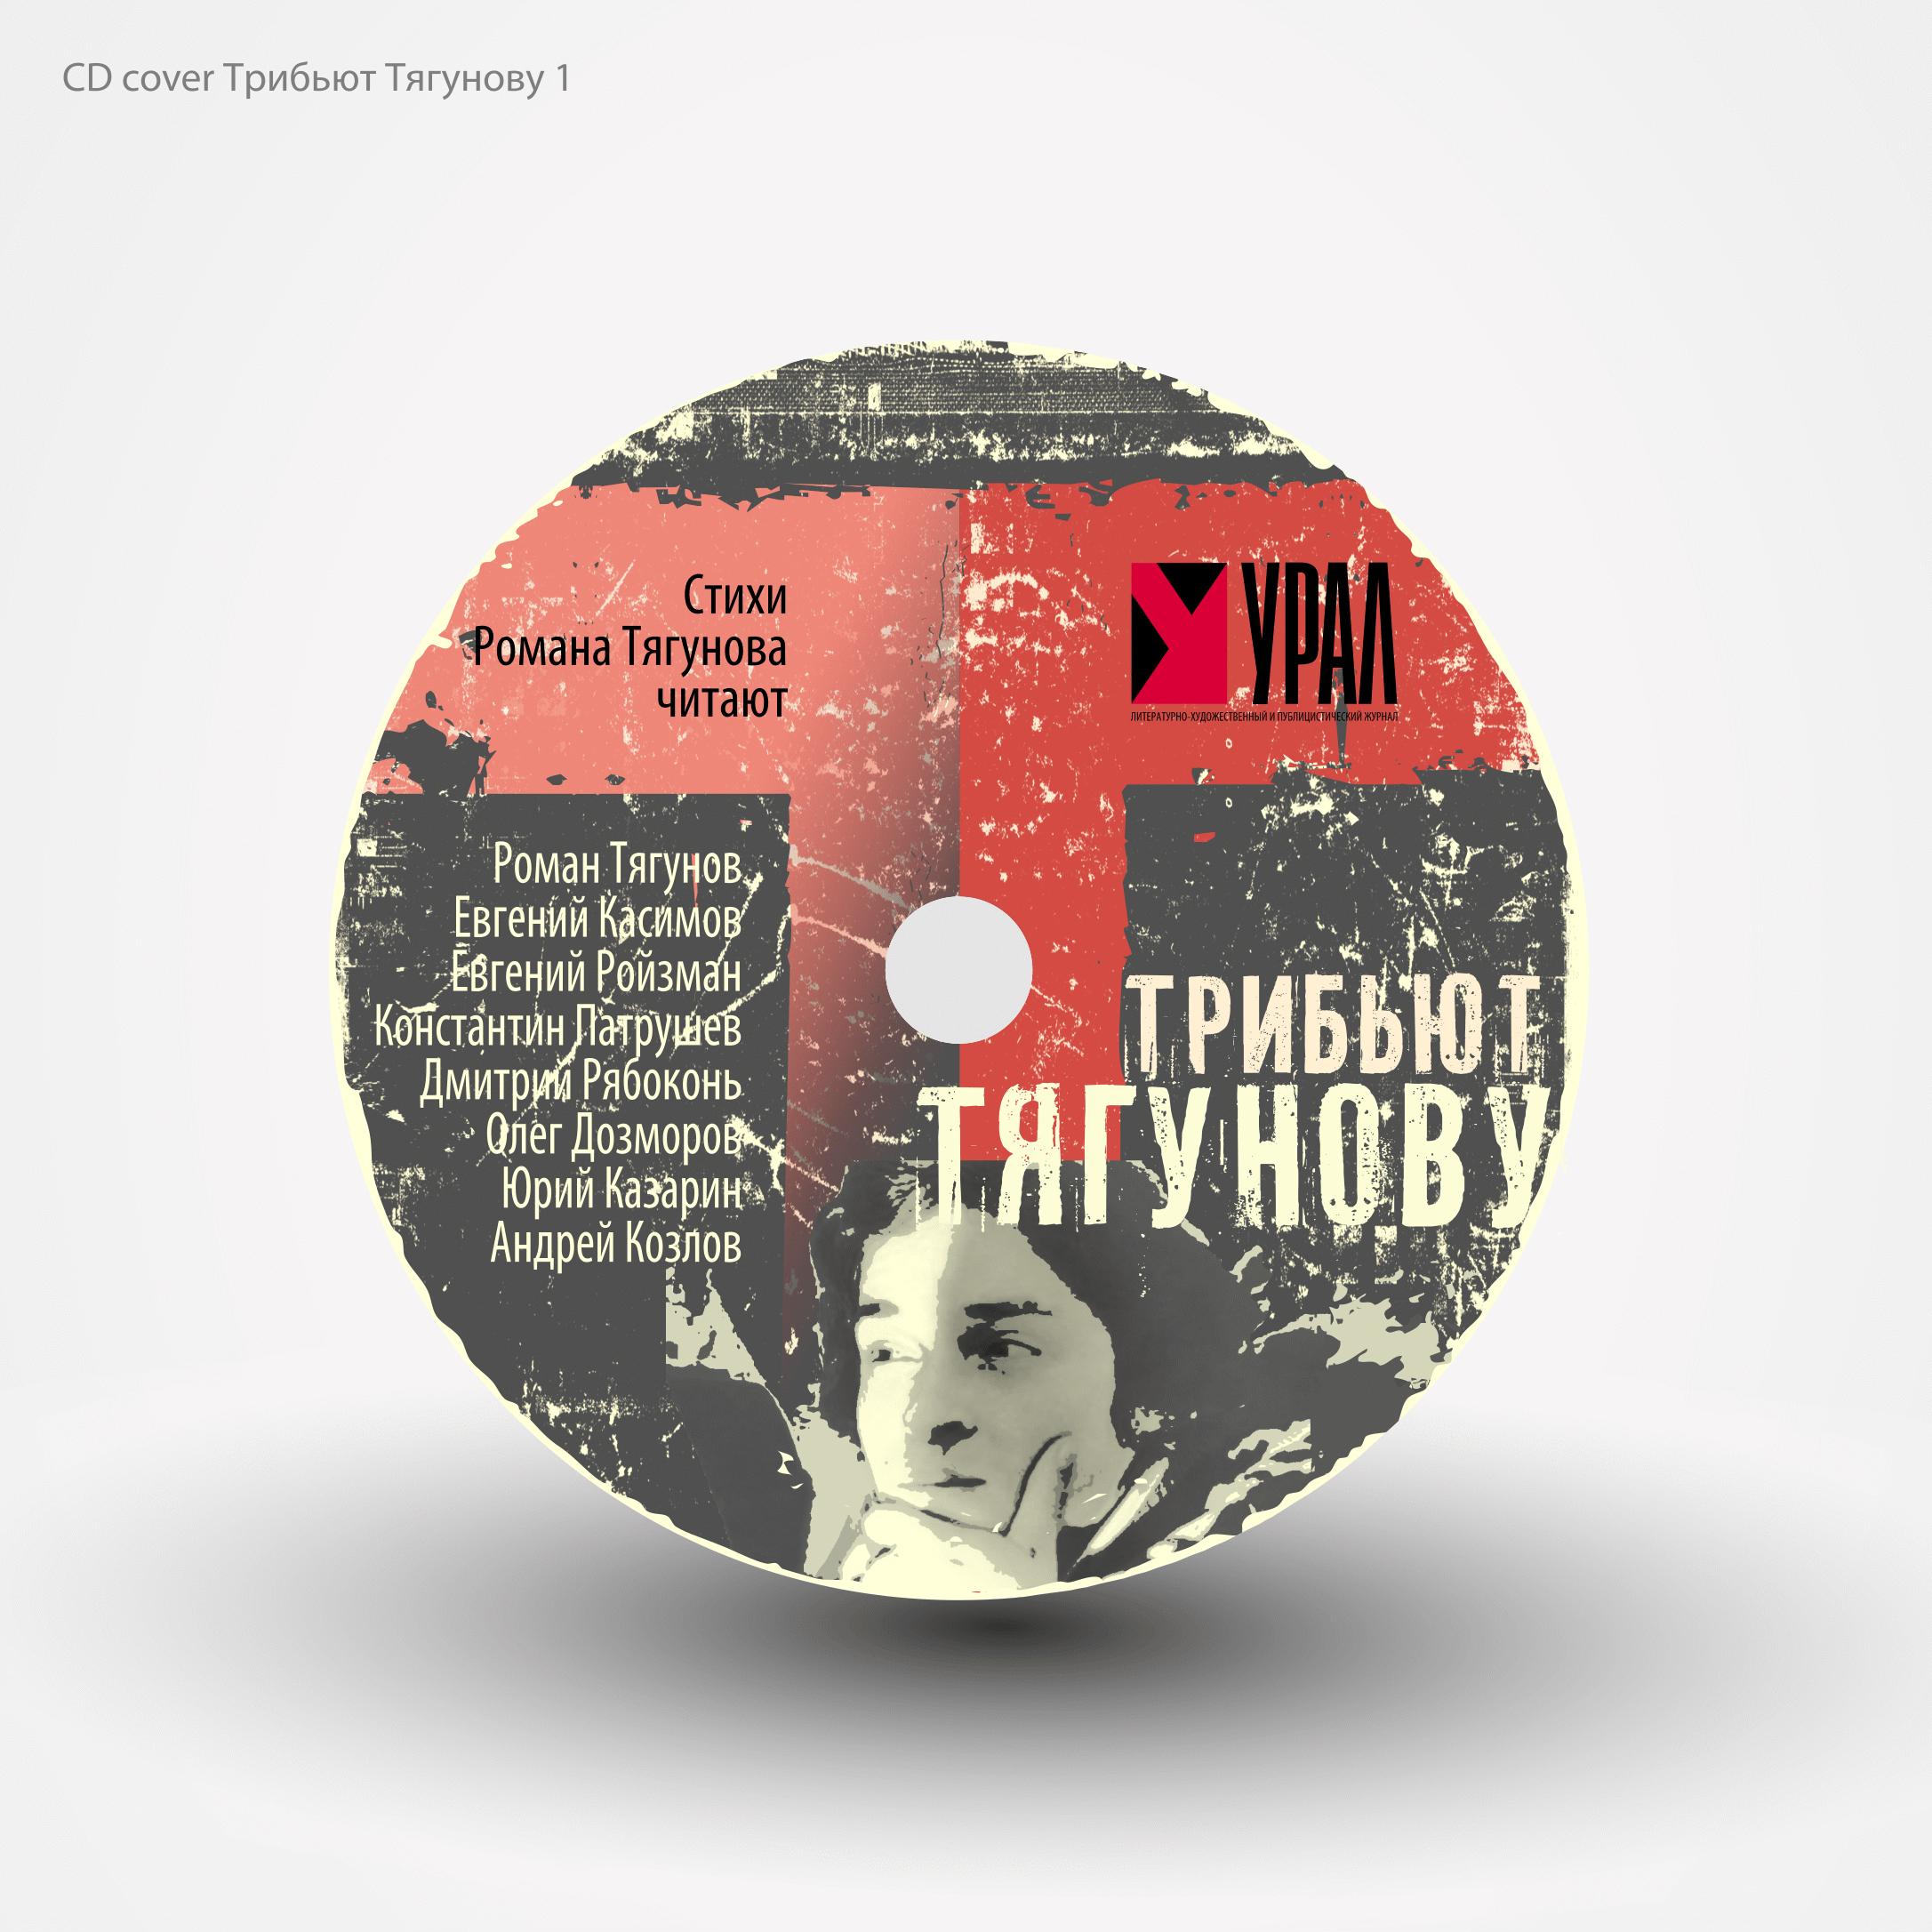 CD cover Трибьют Тягунову 1